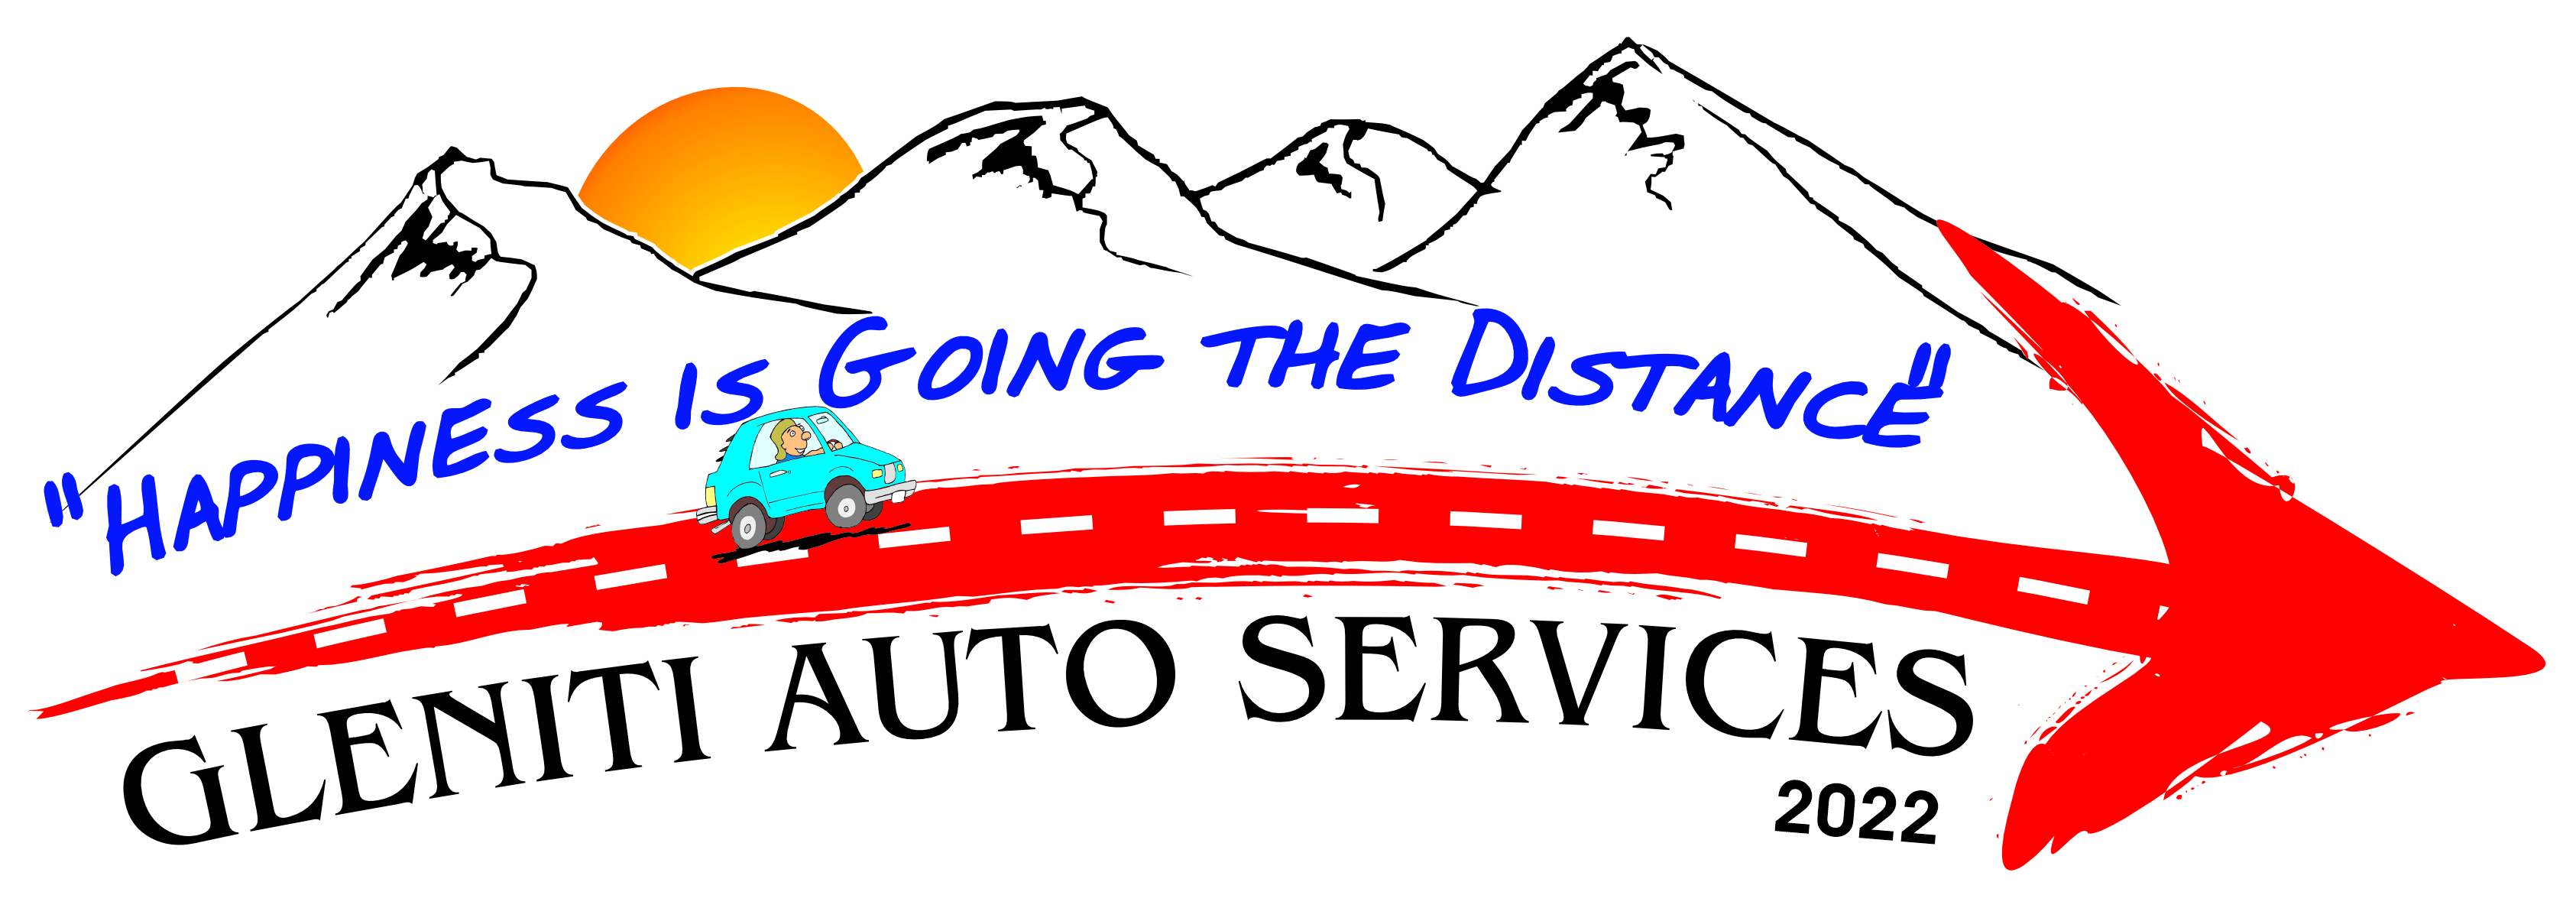 Gleniti Auto Services, 356 Wai-iti Road, Timaru